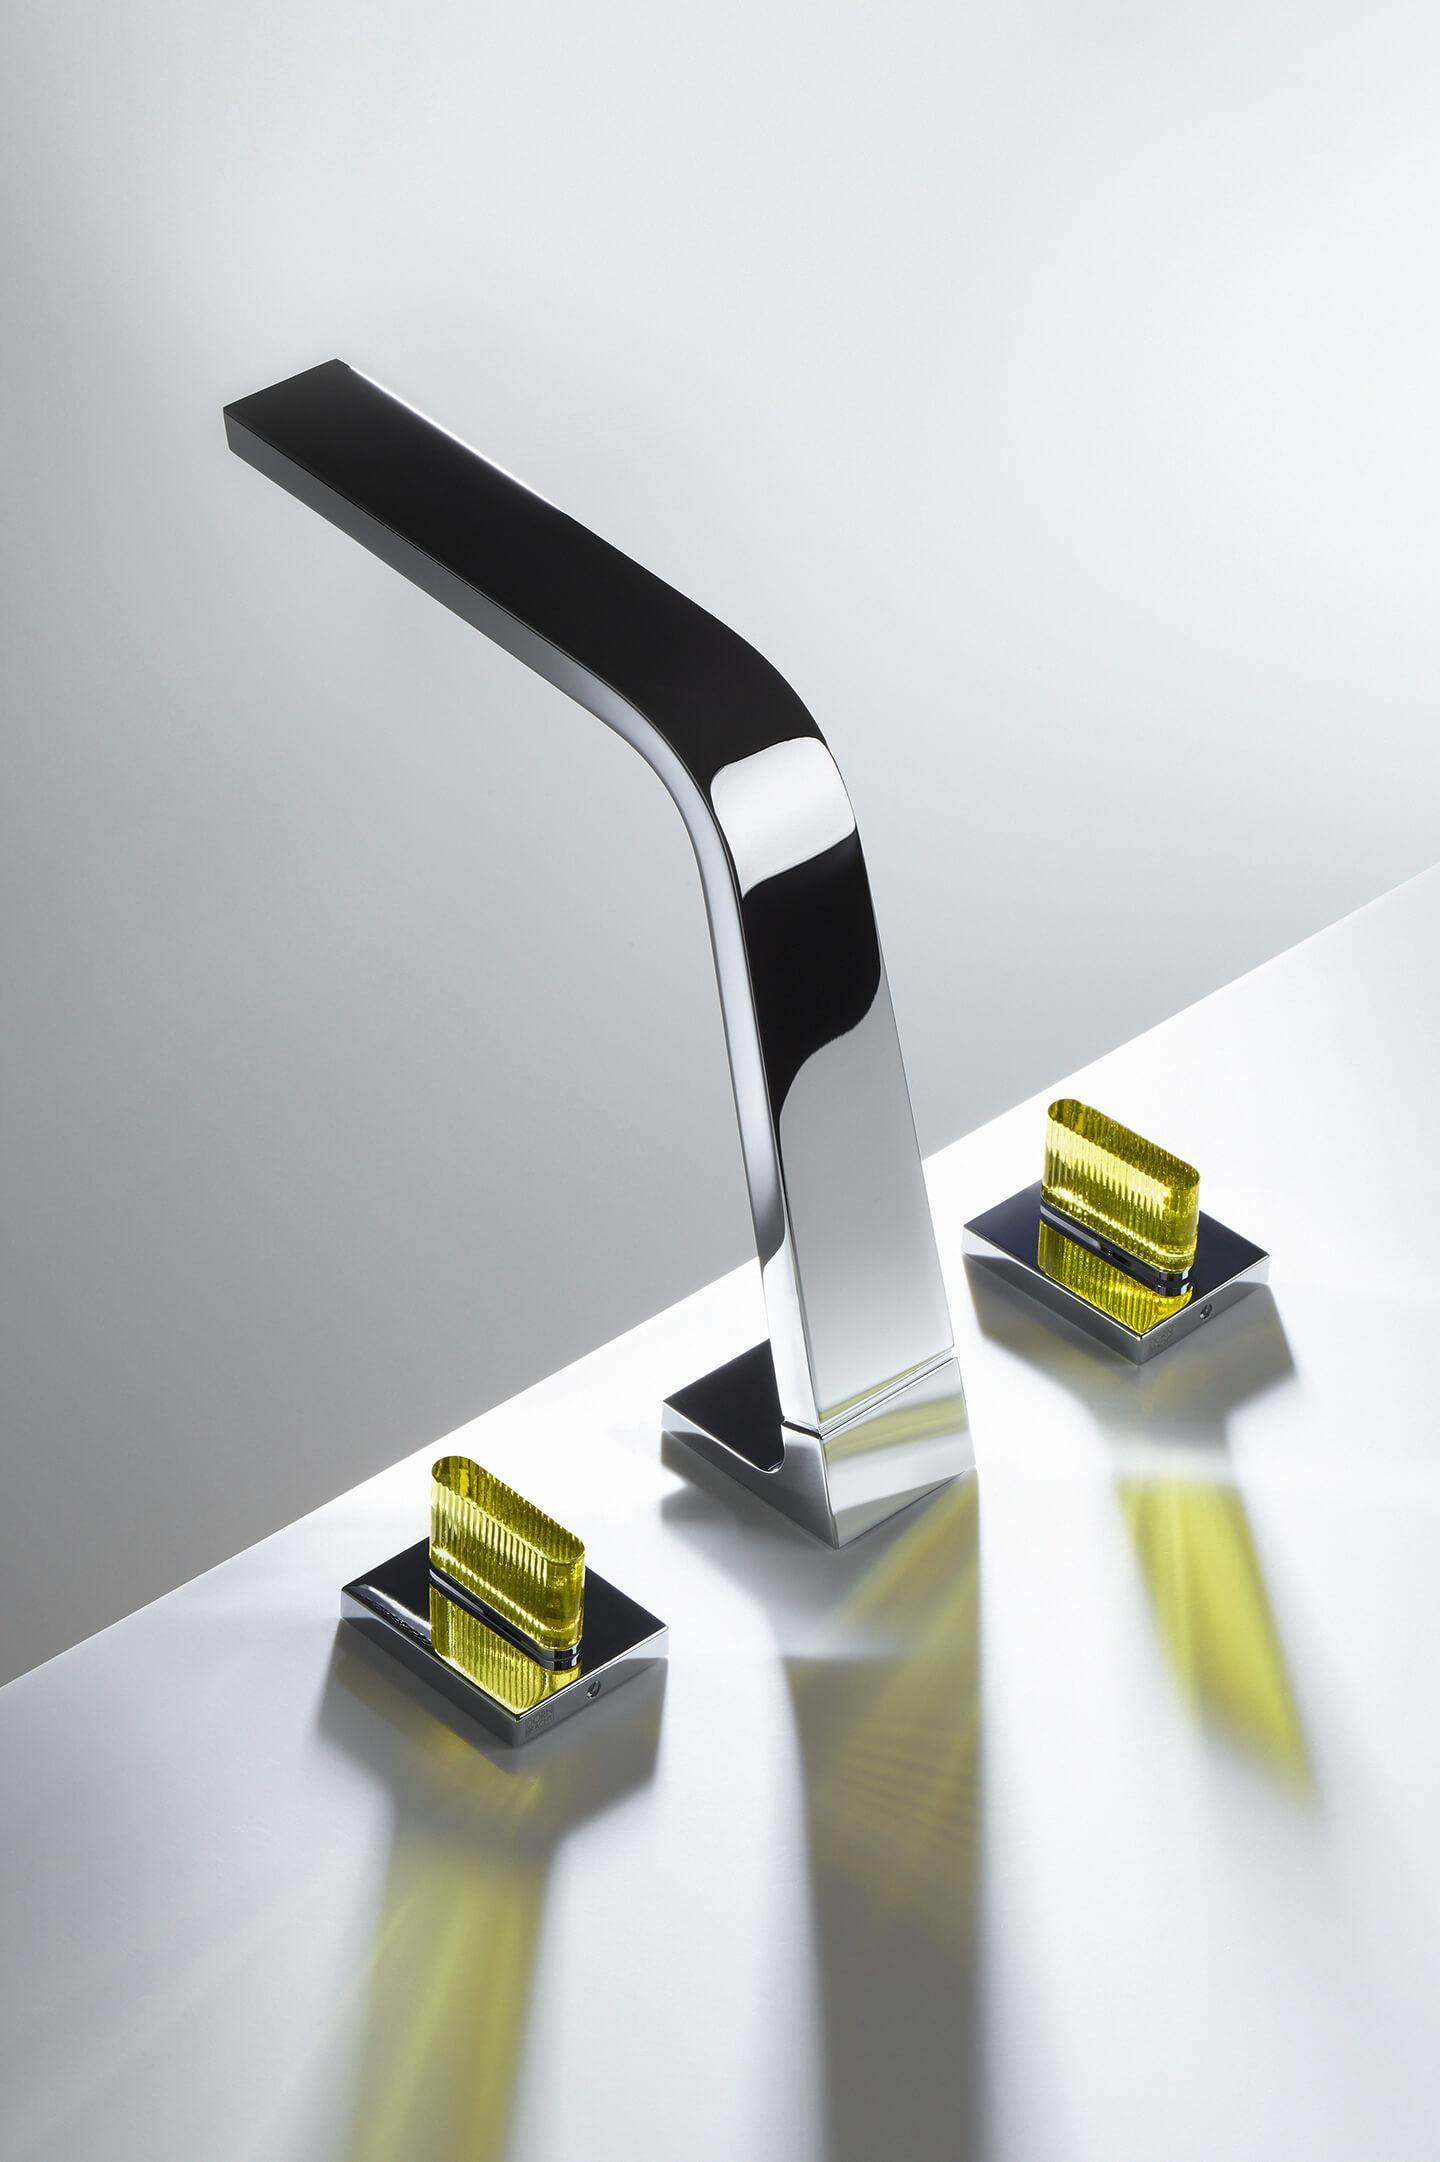 Dornbracht modelos CL1 Chrome Crystal Handle para baño